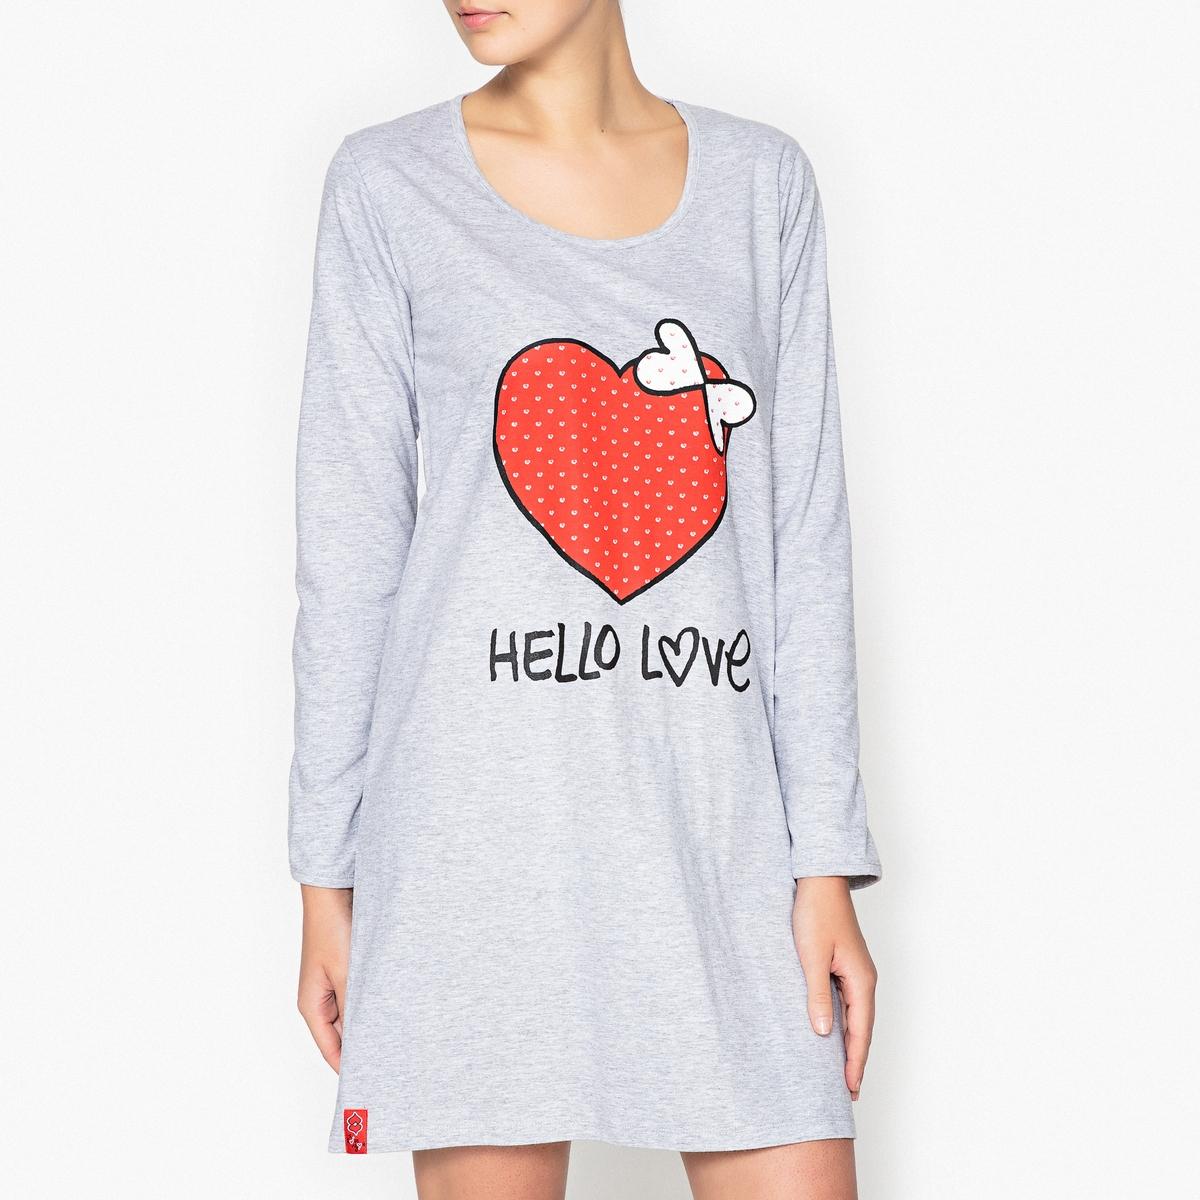 Ночная рубашка с принтом, LoveliesРисунок в виде большого сердца.. в этой ночной рубашке Lovelies, вы будете окружены любовью !Состав и описаниеНочная рубашка с принтом с длинными рукавами  . Круглый вырез. Материал :  55% хлопка, 45% полиэстераМарка : LoveliesУход: :Машинная стирка при 30 °С на деликатном режиме с вещами схожих цветов.Стирать и гладить при низкой температуре с изнаночной стороны.Машинная сушка запрещена.<br><br>Цвет: серый